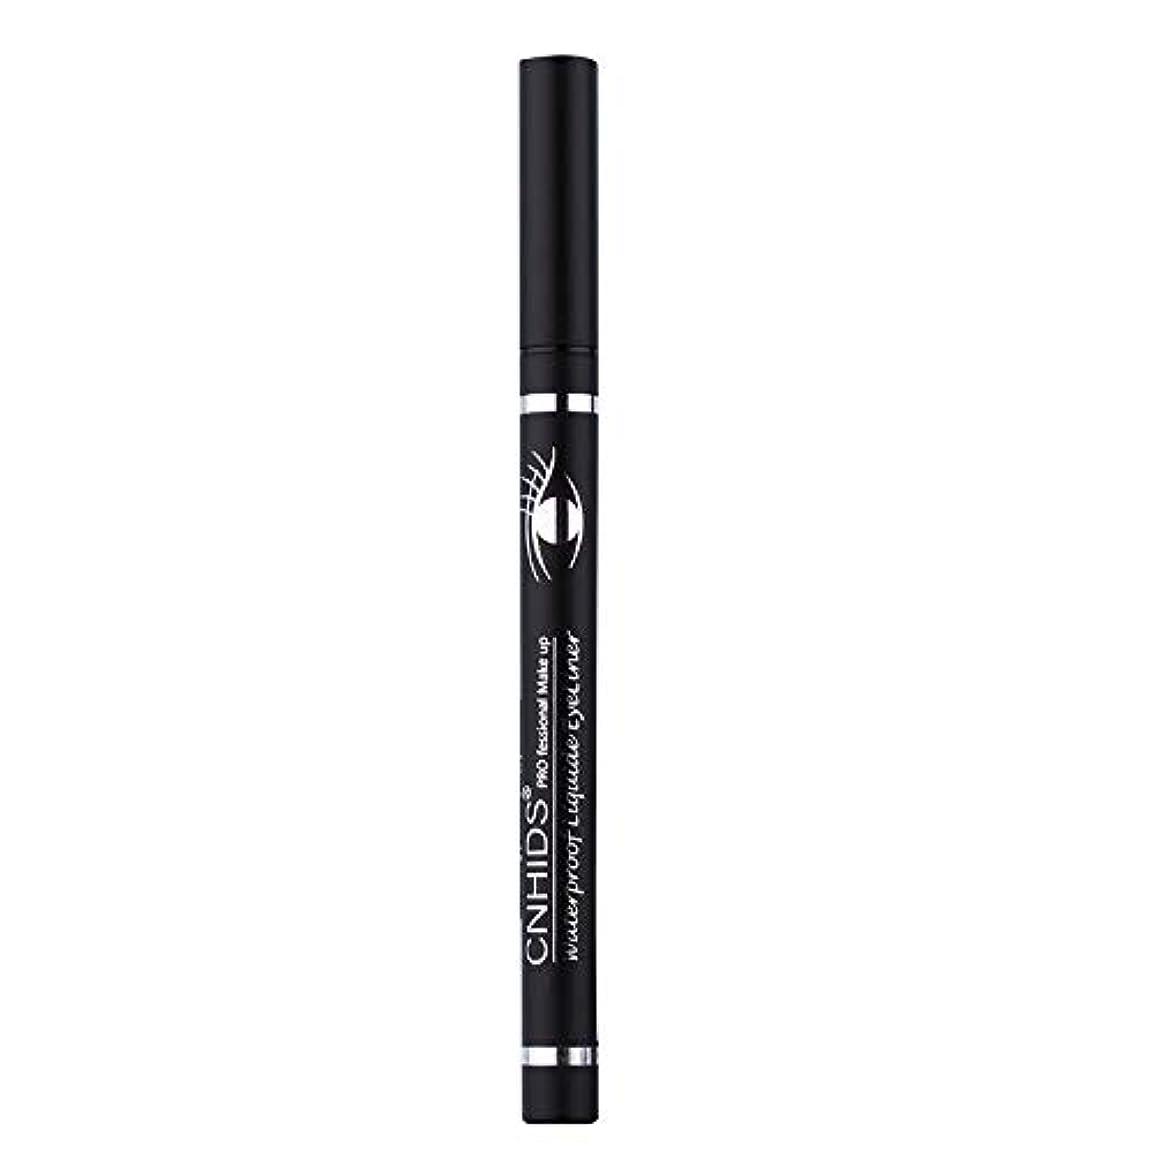 持っている貧しい脚本新しい防水美容メイク化粧品アイライナーペンシルブラックリキッドアイライナーペン